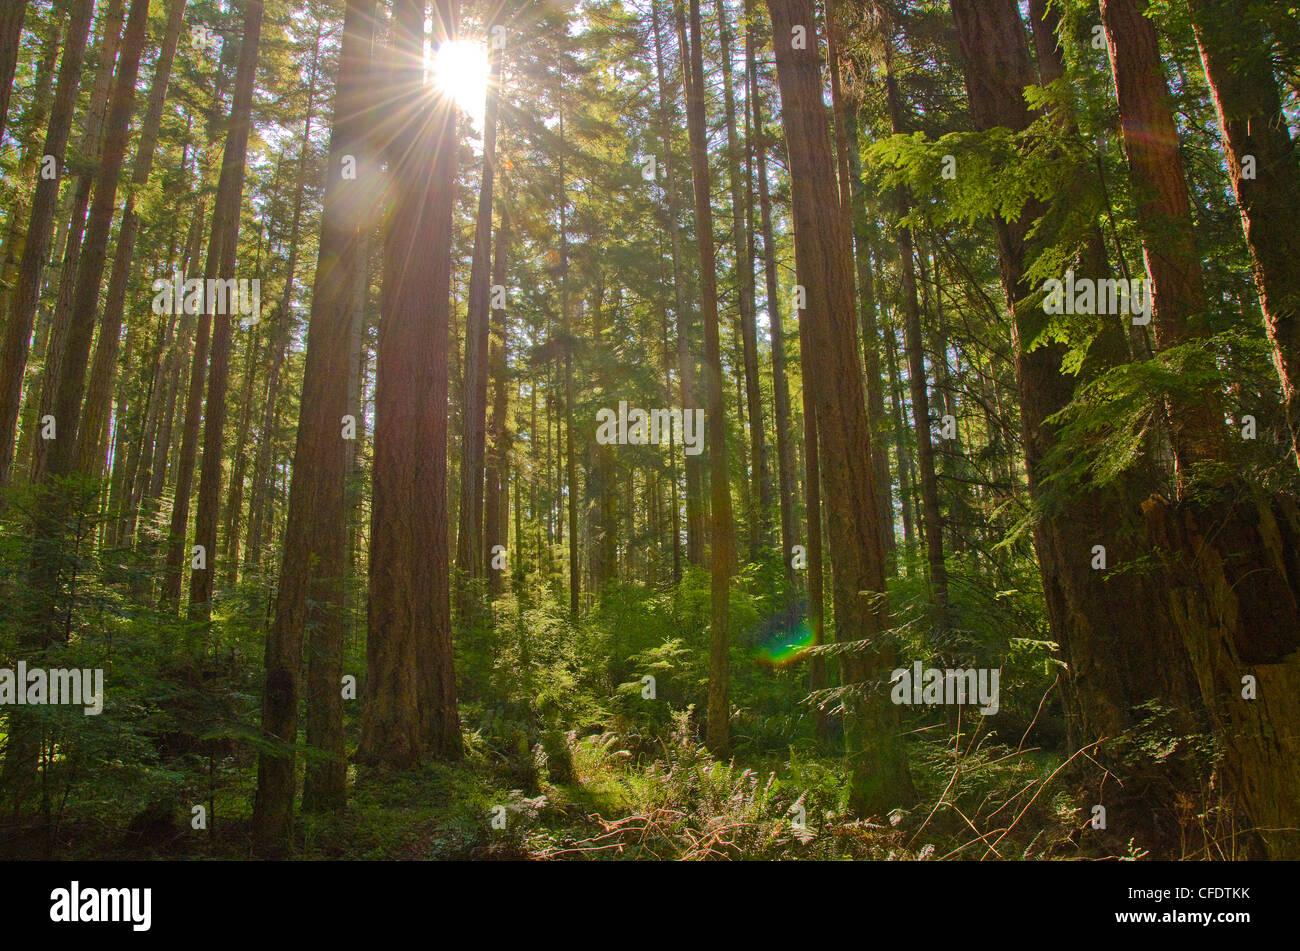 Sonne Gipfeln üppig grünen Regenwald in der Nähe von Shelter Stockbild